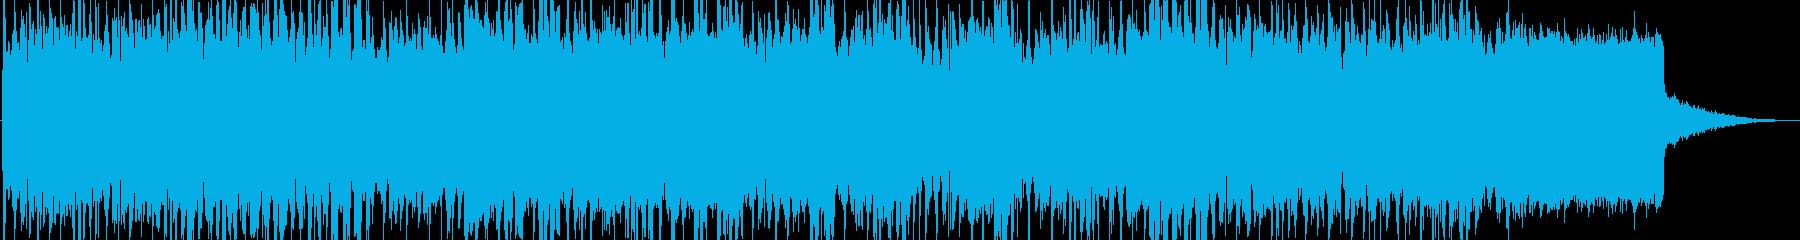 浮遊感の漂うシンセ楽曲 ゲームやOPに。の再生済みの波形